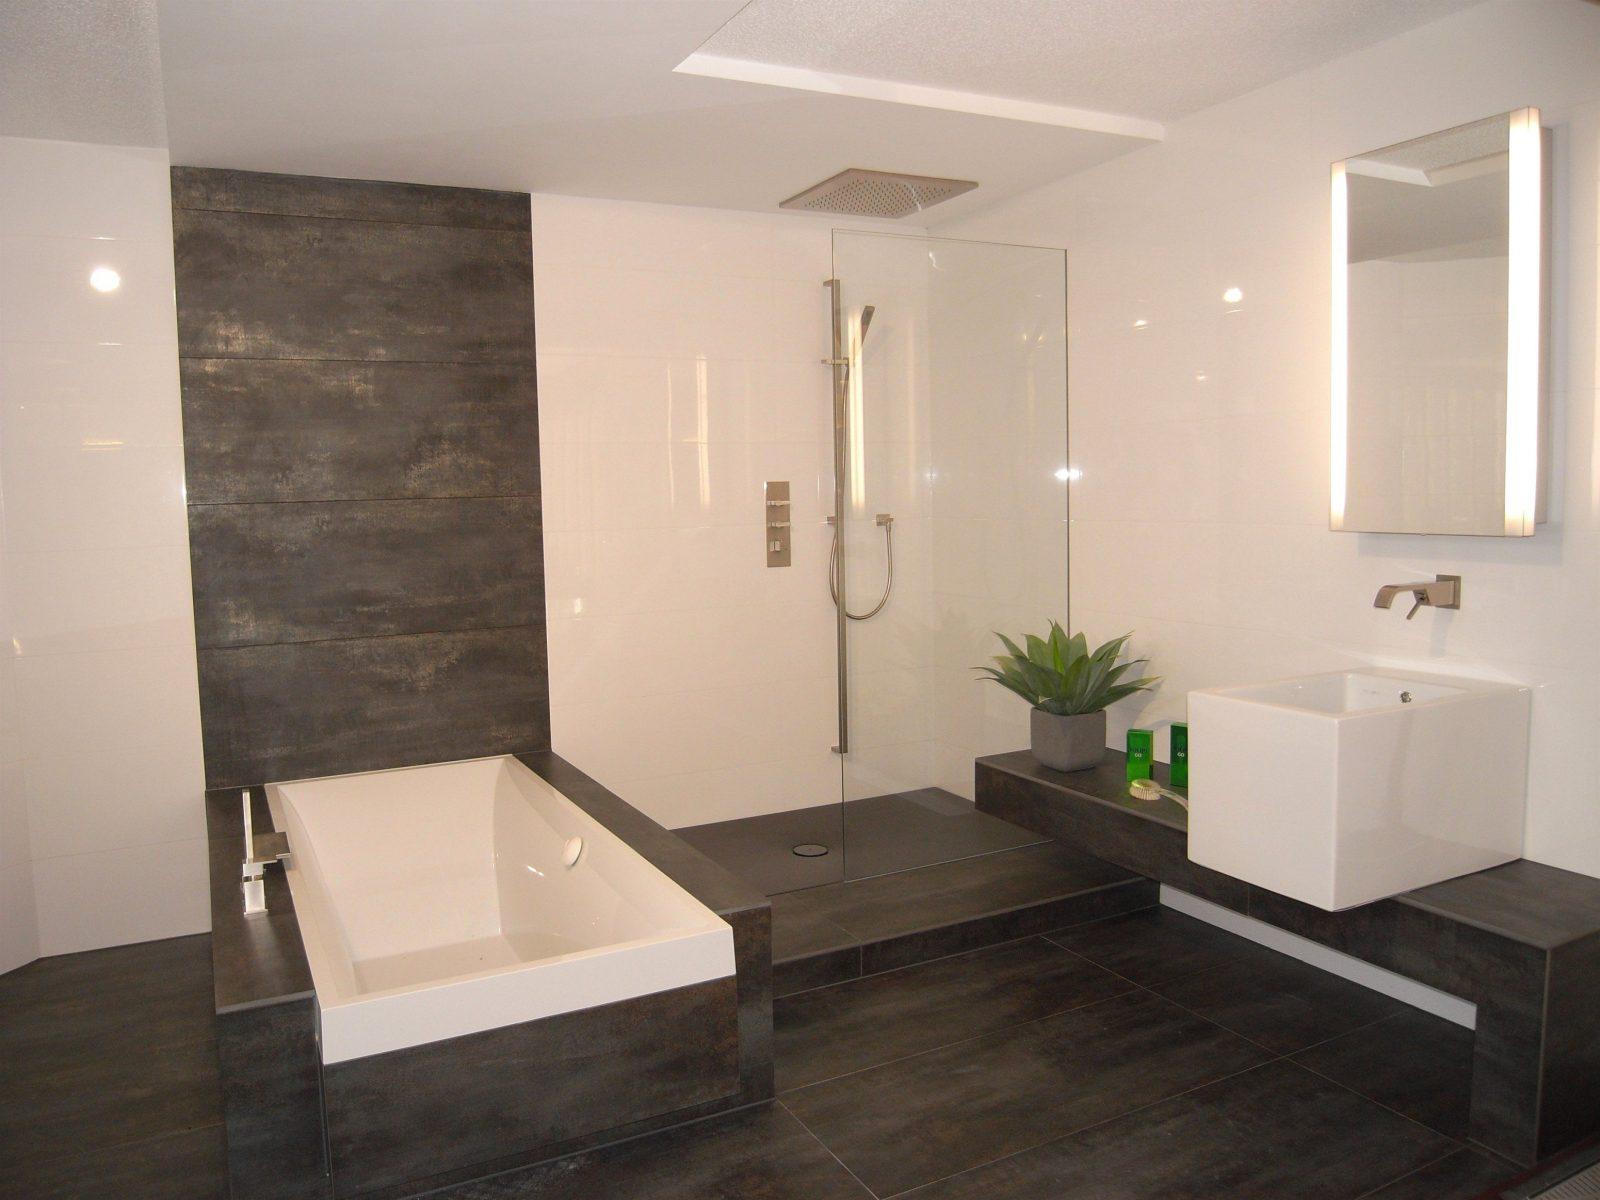 inspirierende badezimmer beige braun grosartig fliesen bad sch ne von badezimmer fliesen braun. Black Bedroom Furniture Sets. Home Design Ideas